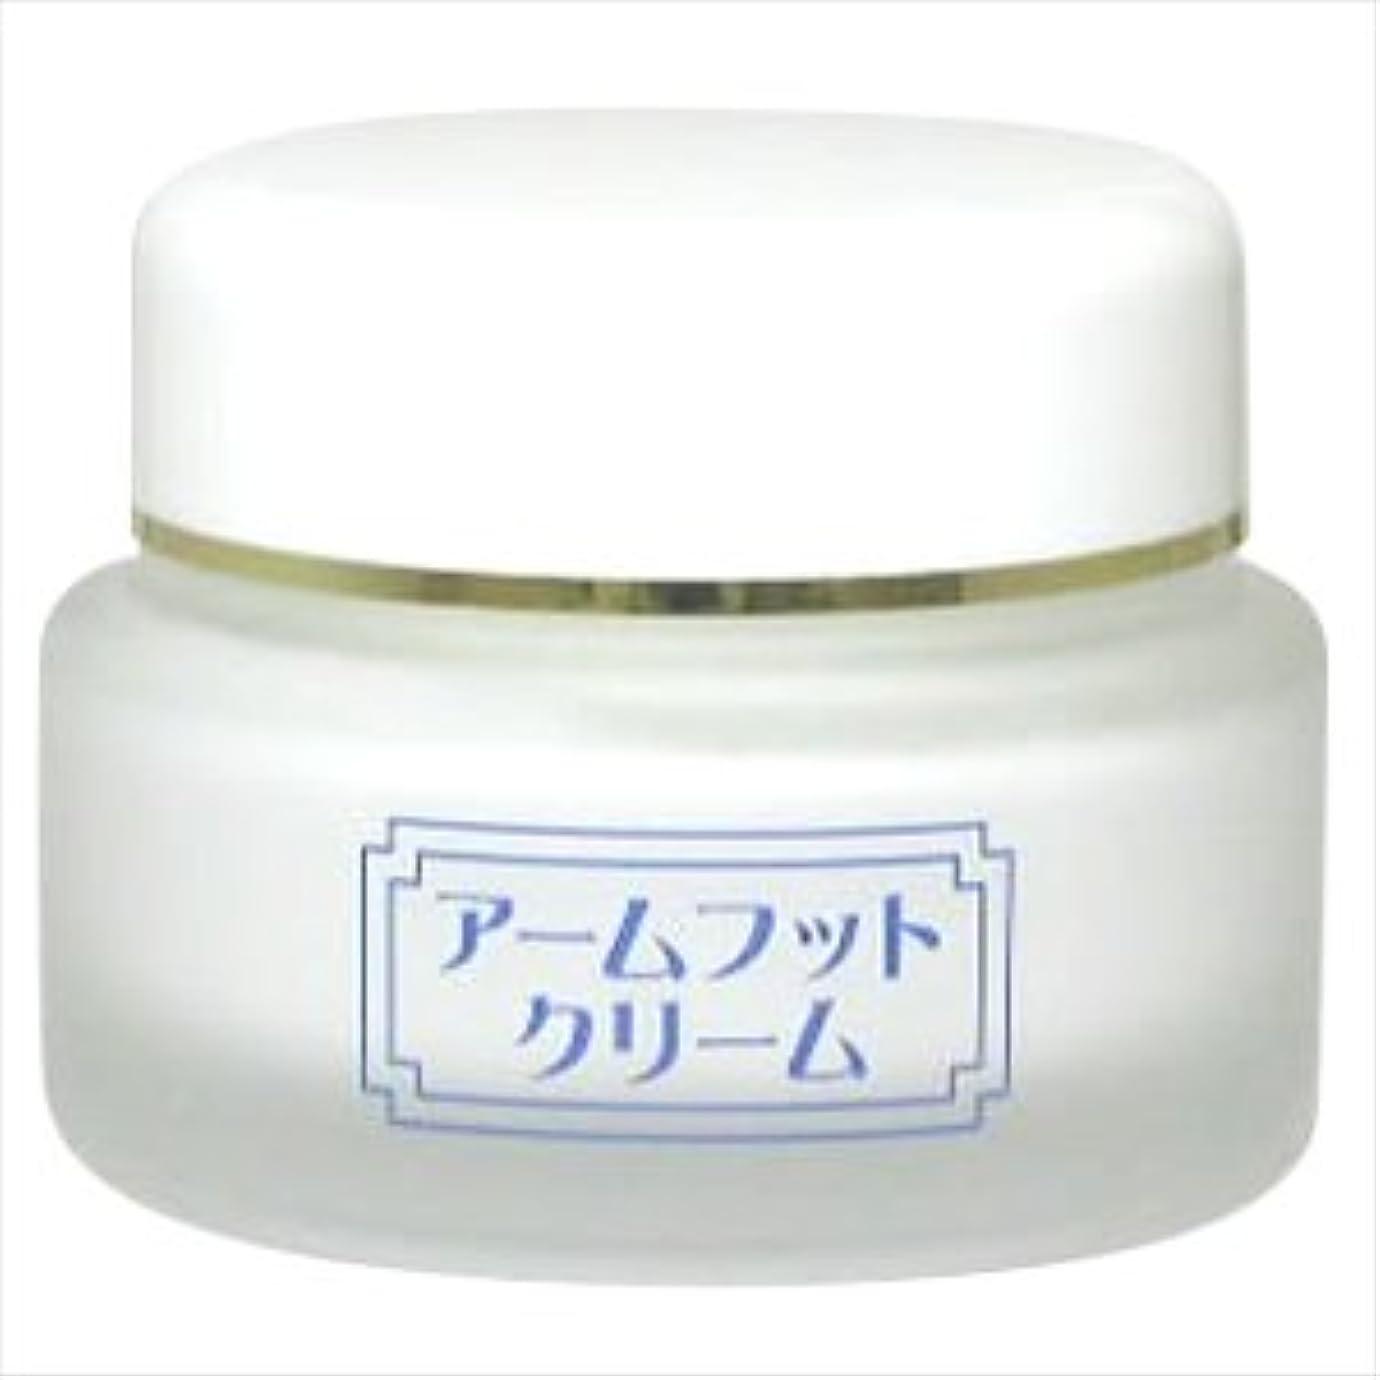 帝国高めるあご薬用デオドラントクリーム アームフットクリーム(20g) (1個)